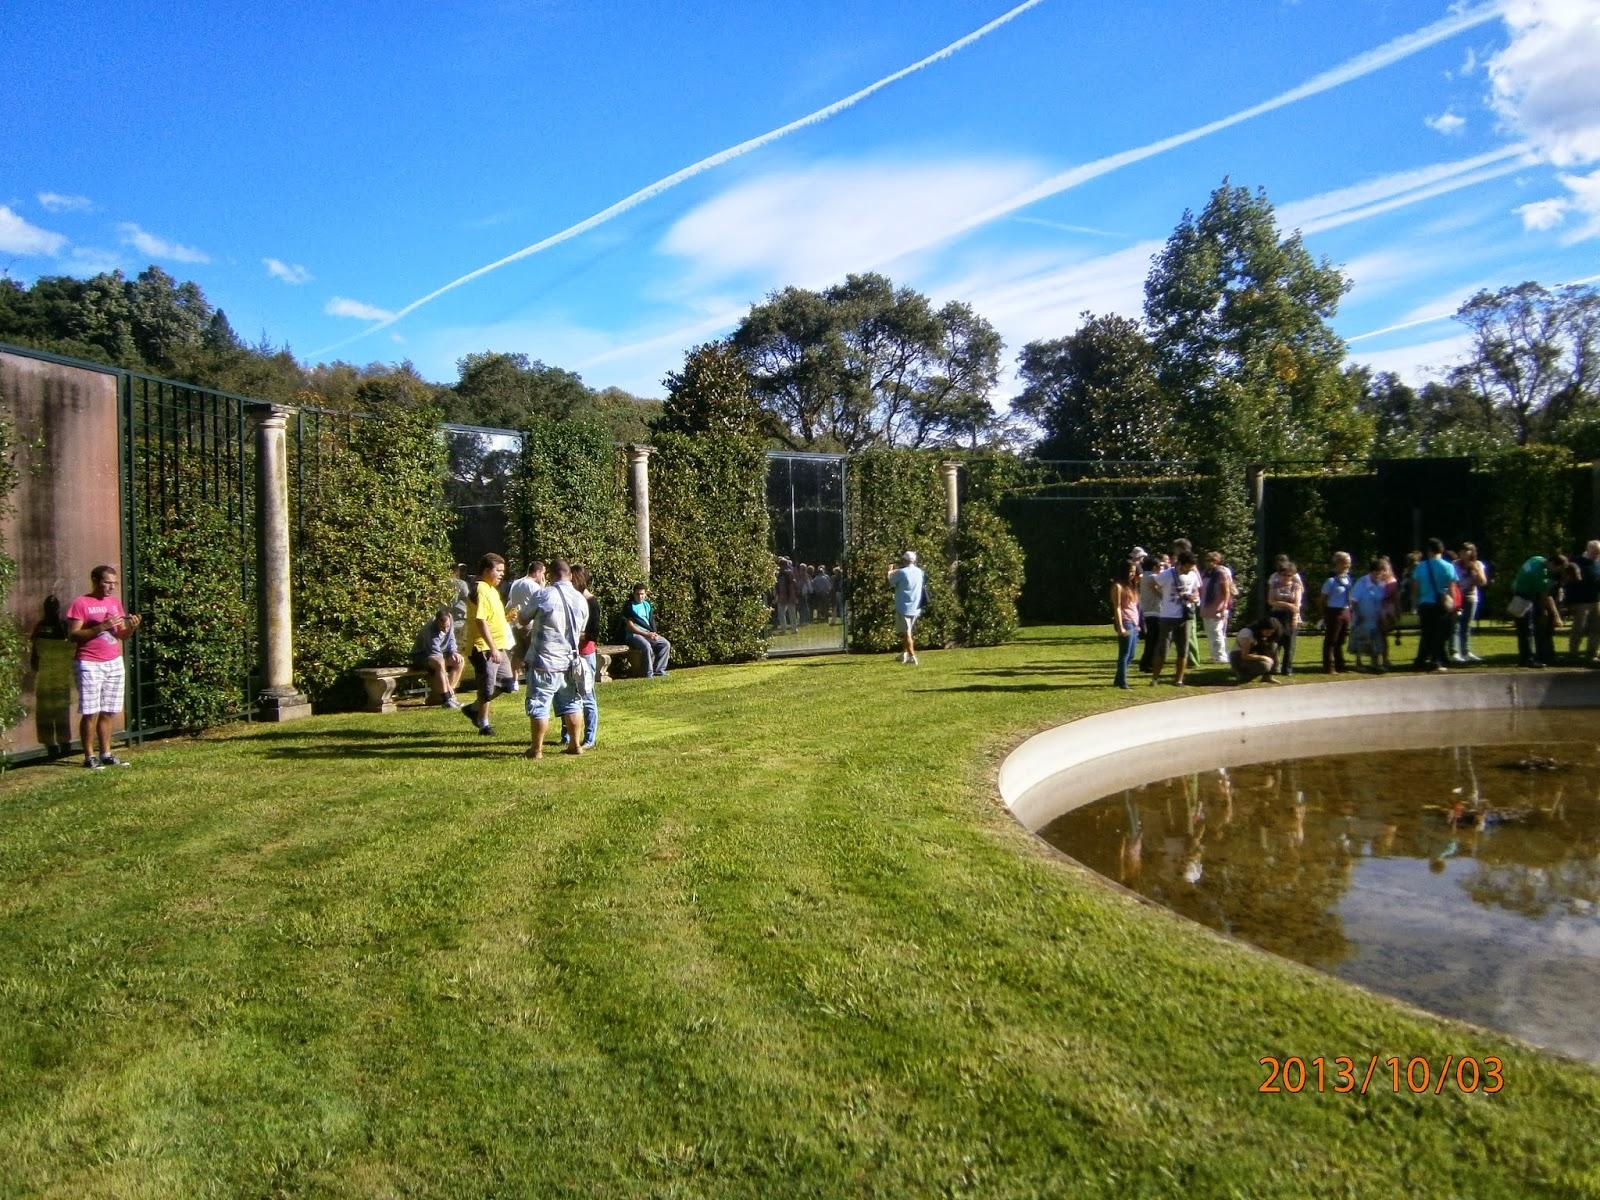 Centro entorno visita a los jardines de la finca puente san miguel - Jardines puente cultural ...